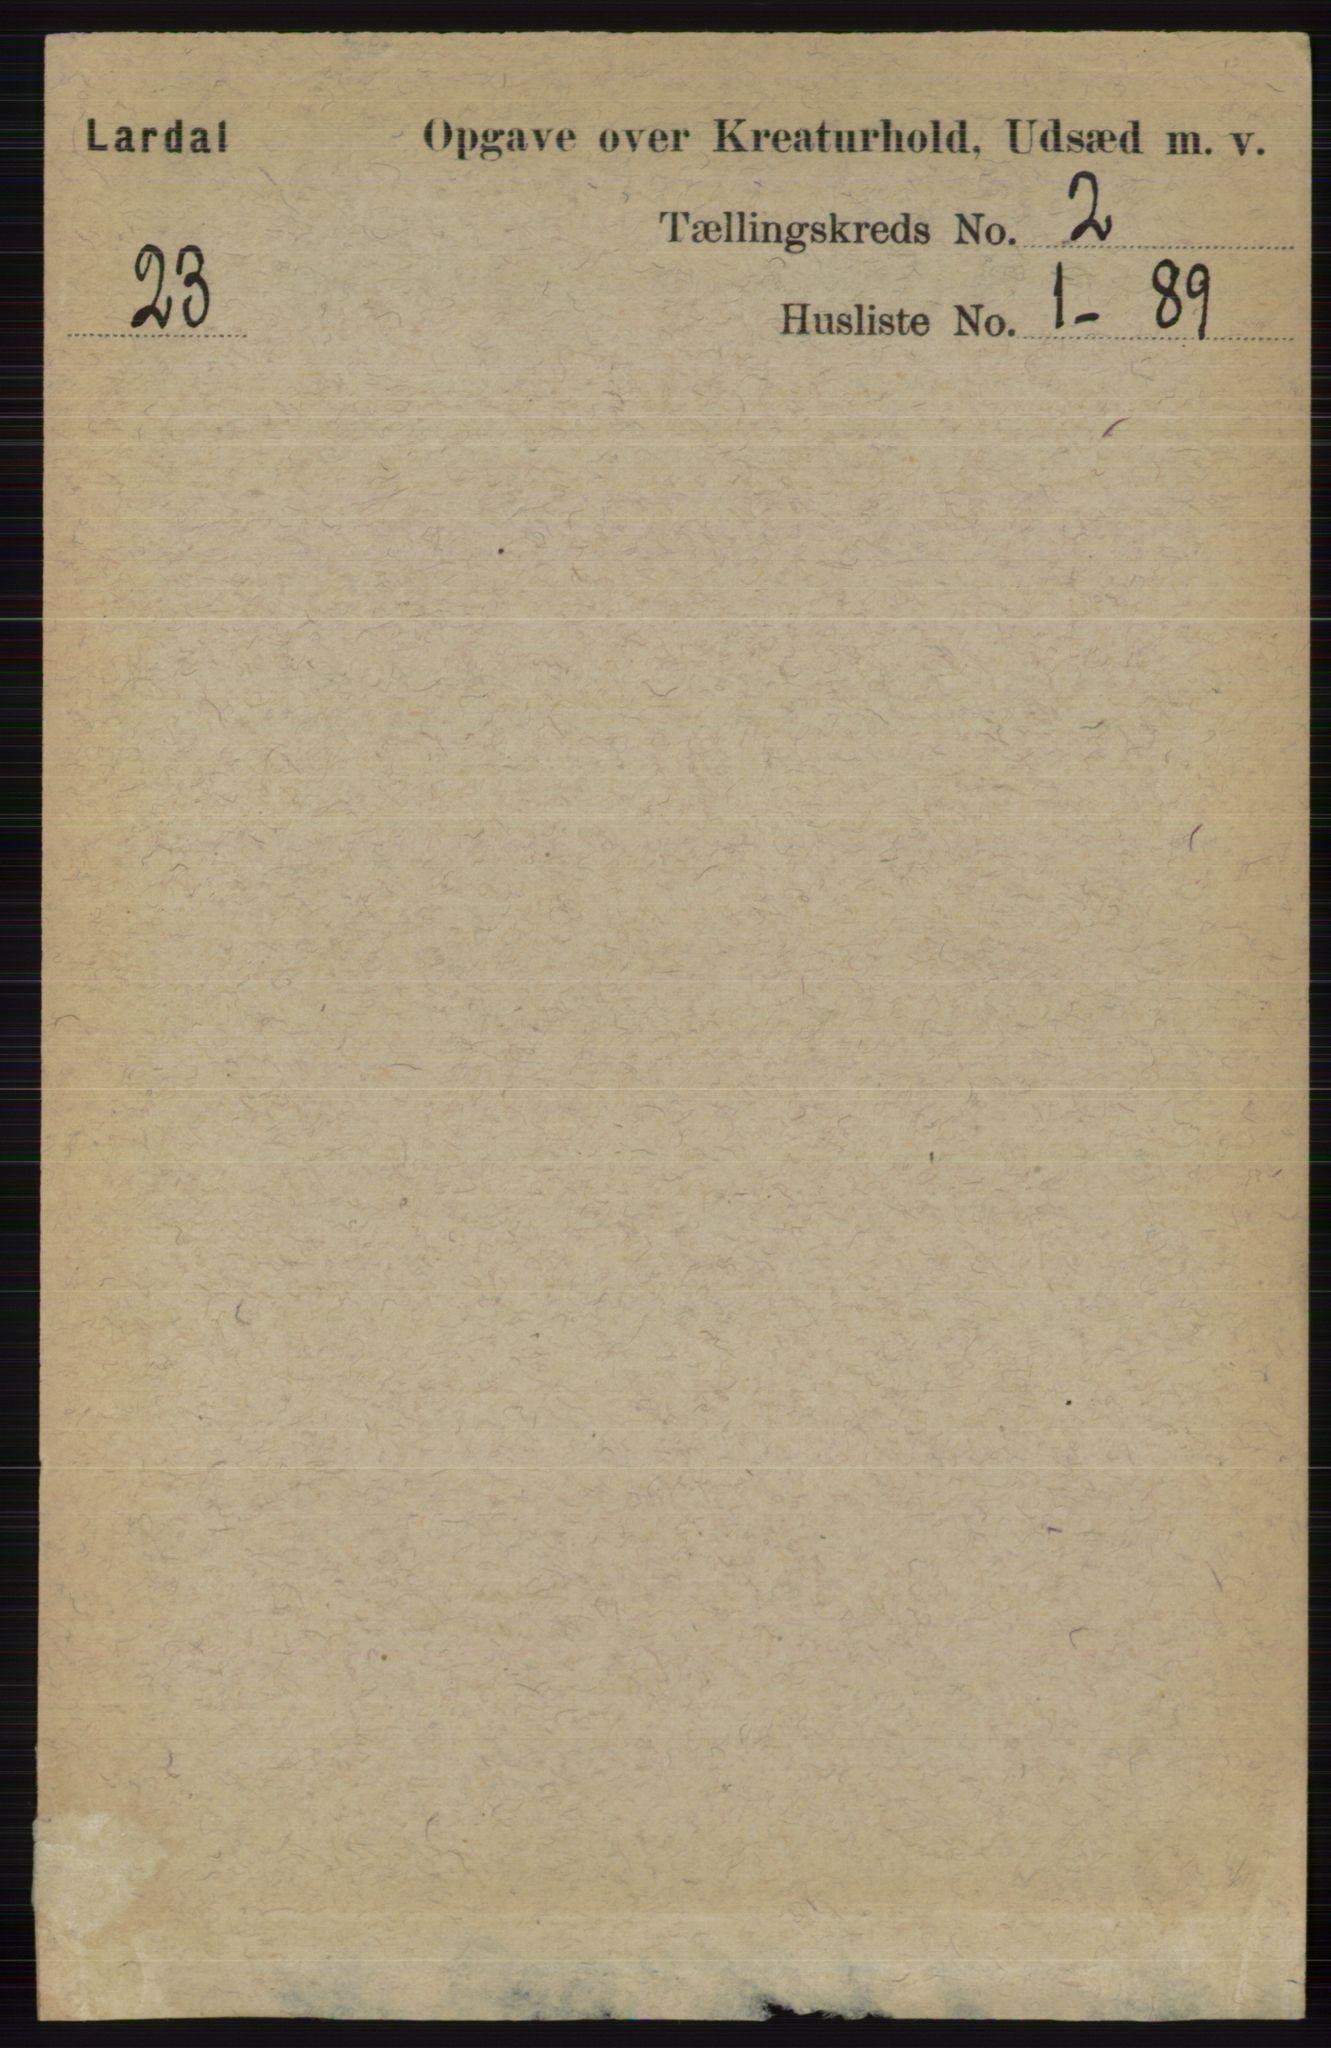 RA, Folketelling 1891 for 0728 Lardal herred, 1891, s. 3419